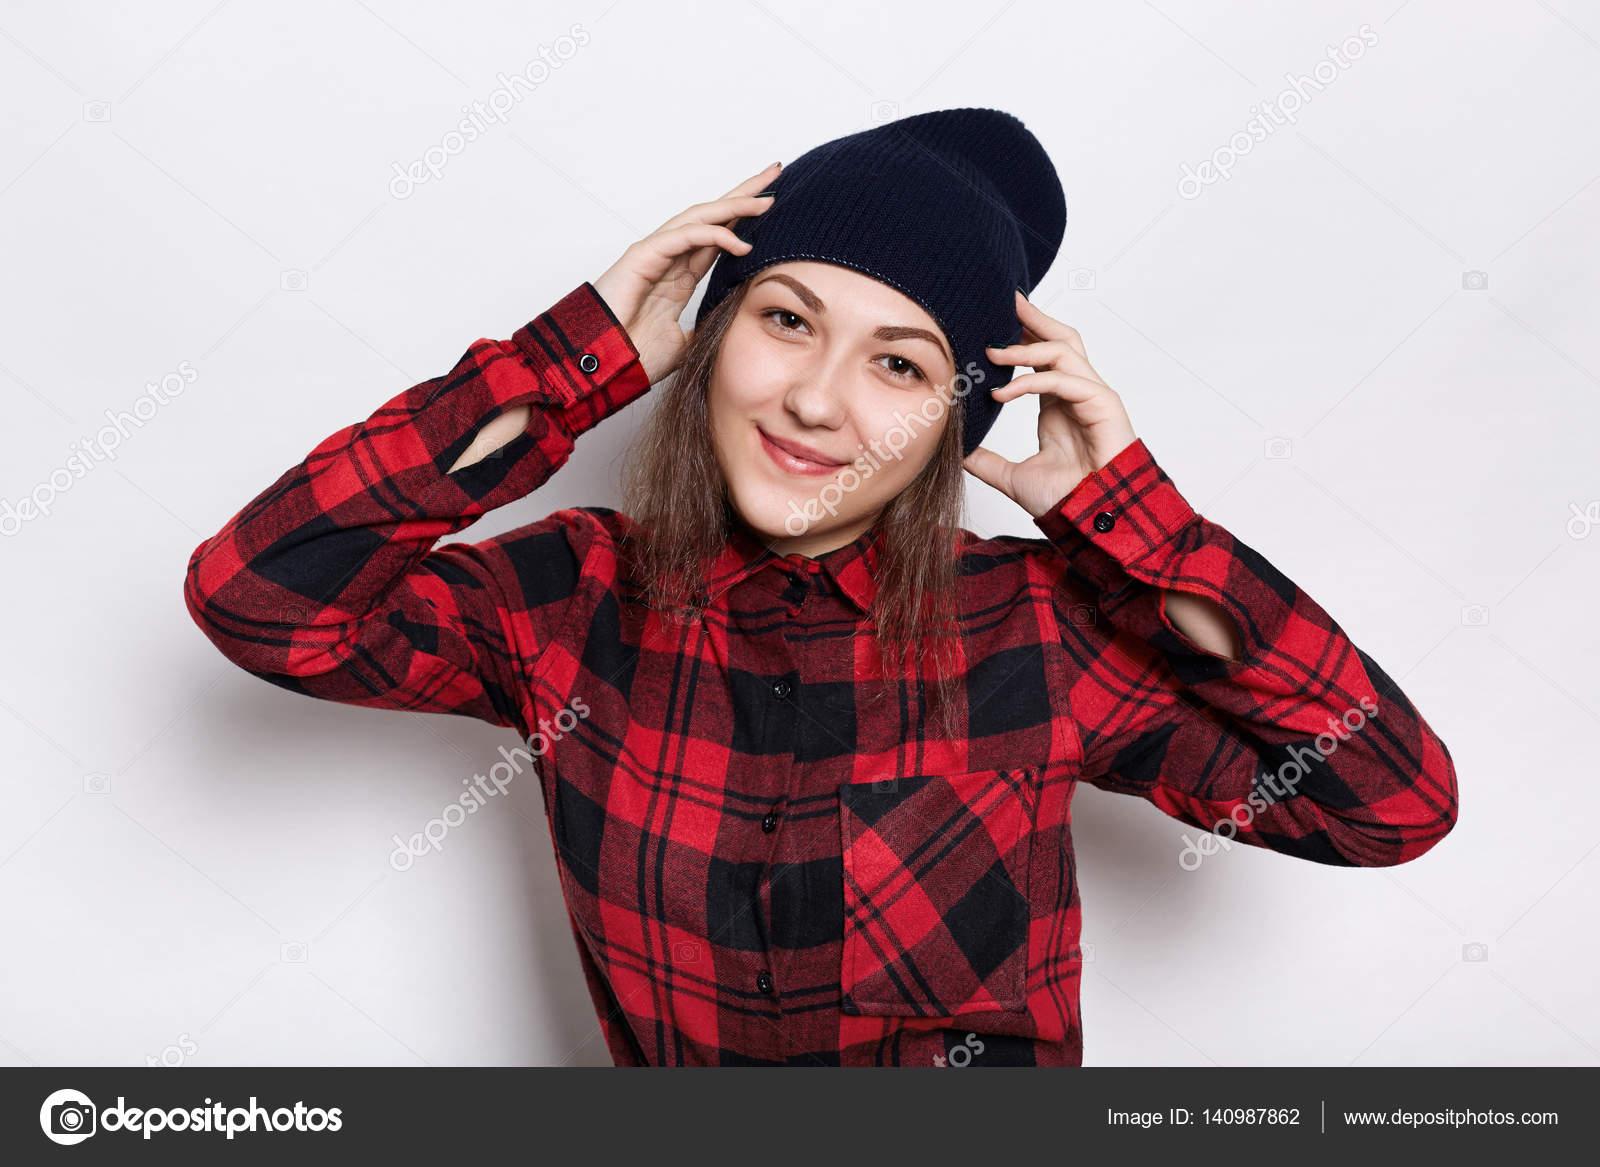 82e7e2f08a Hipster dziewczyna w stylowej czapce ubrany w czerwony kraciastej koszuli o  wyrażenie zadowolony